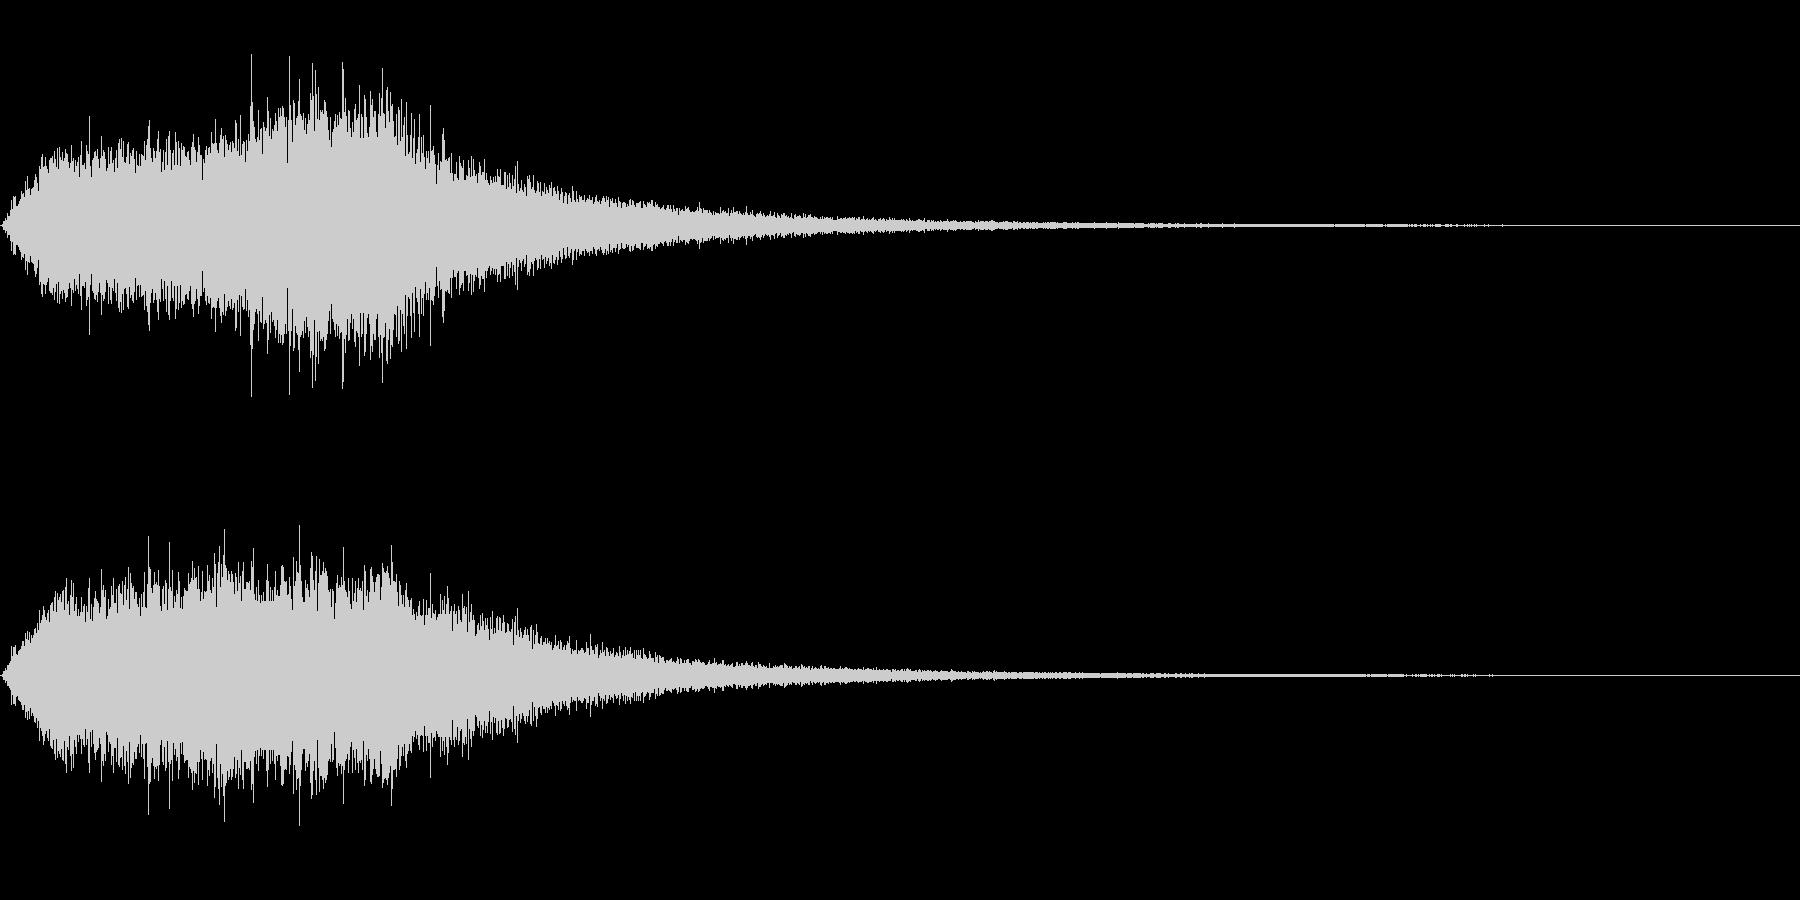 ダークファンタジー的なキラキラ音。の未再生の波形